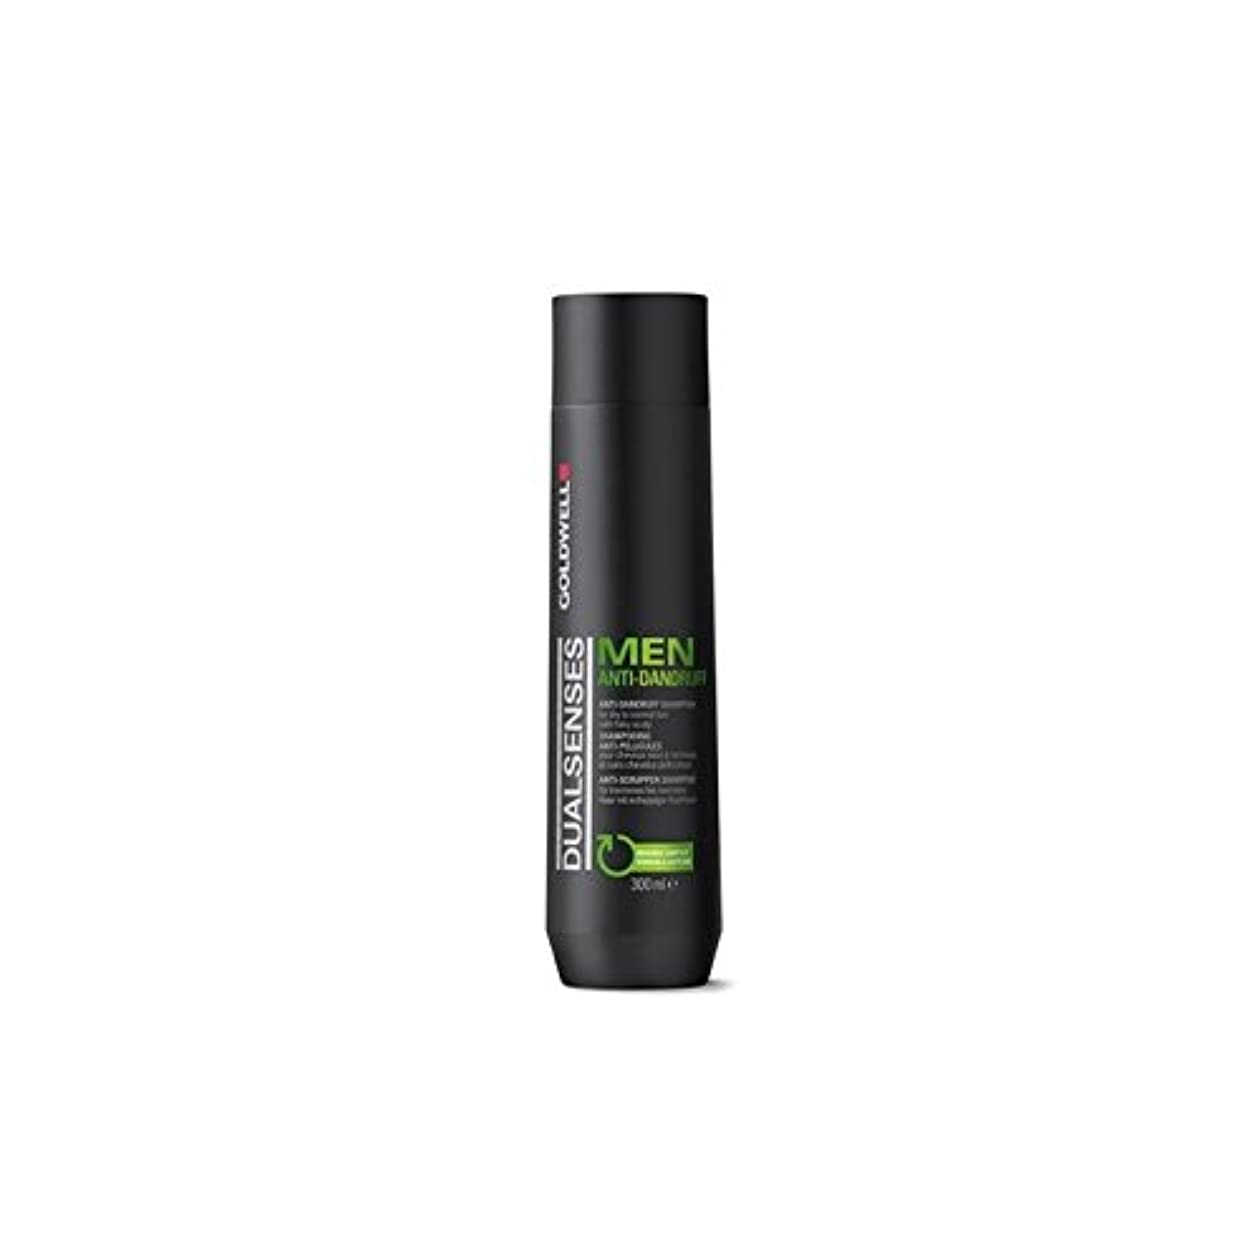 ハンディキャップサークル蒸留するGoldwell Dualsenses For Men Anti-Dandruff Shampoo (300ml) - フケ防止シャンプー(300ミリリットル)男性のためのの [並行輸入品]